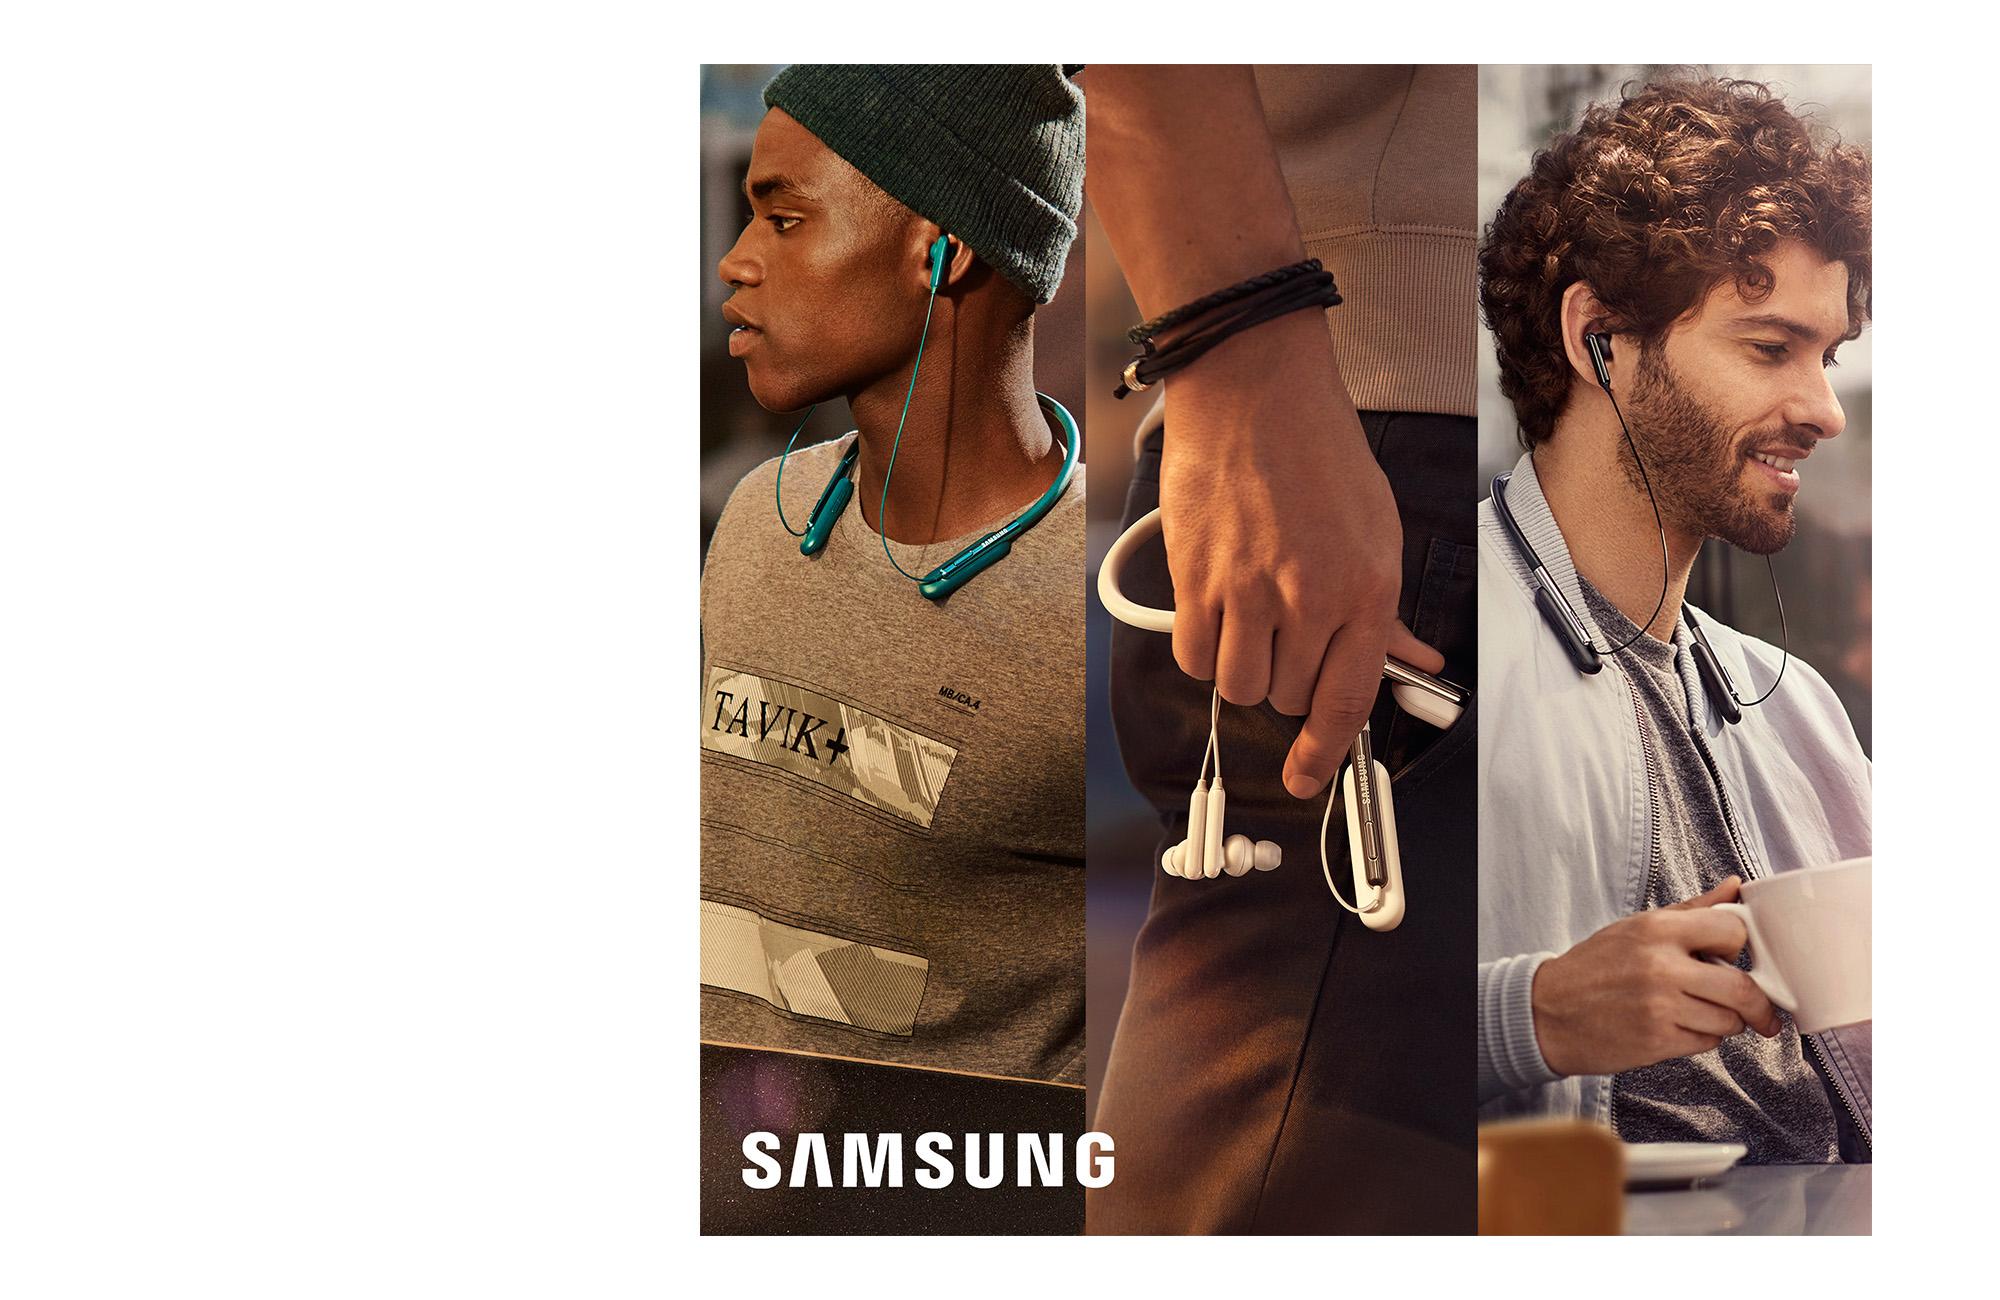 Samsung Uflex - 1 of 1